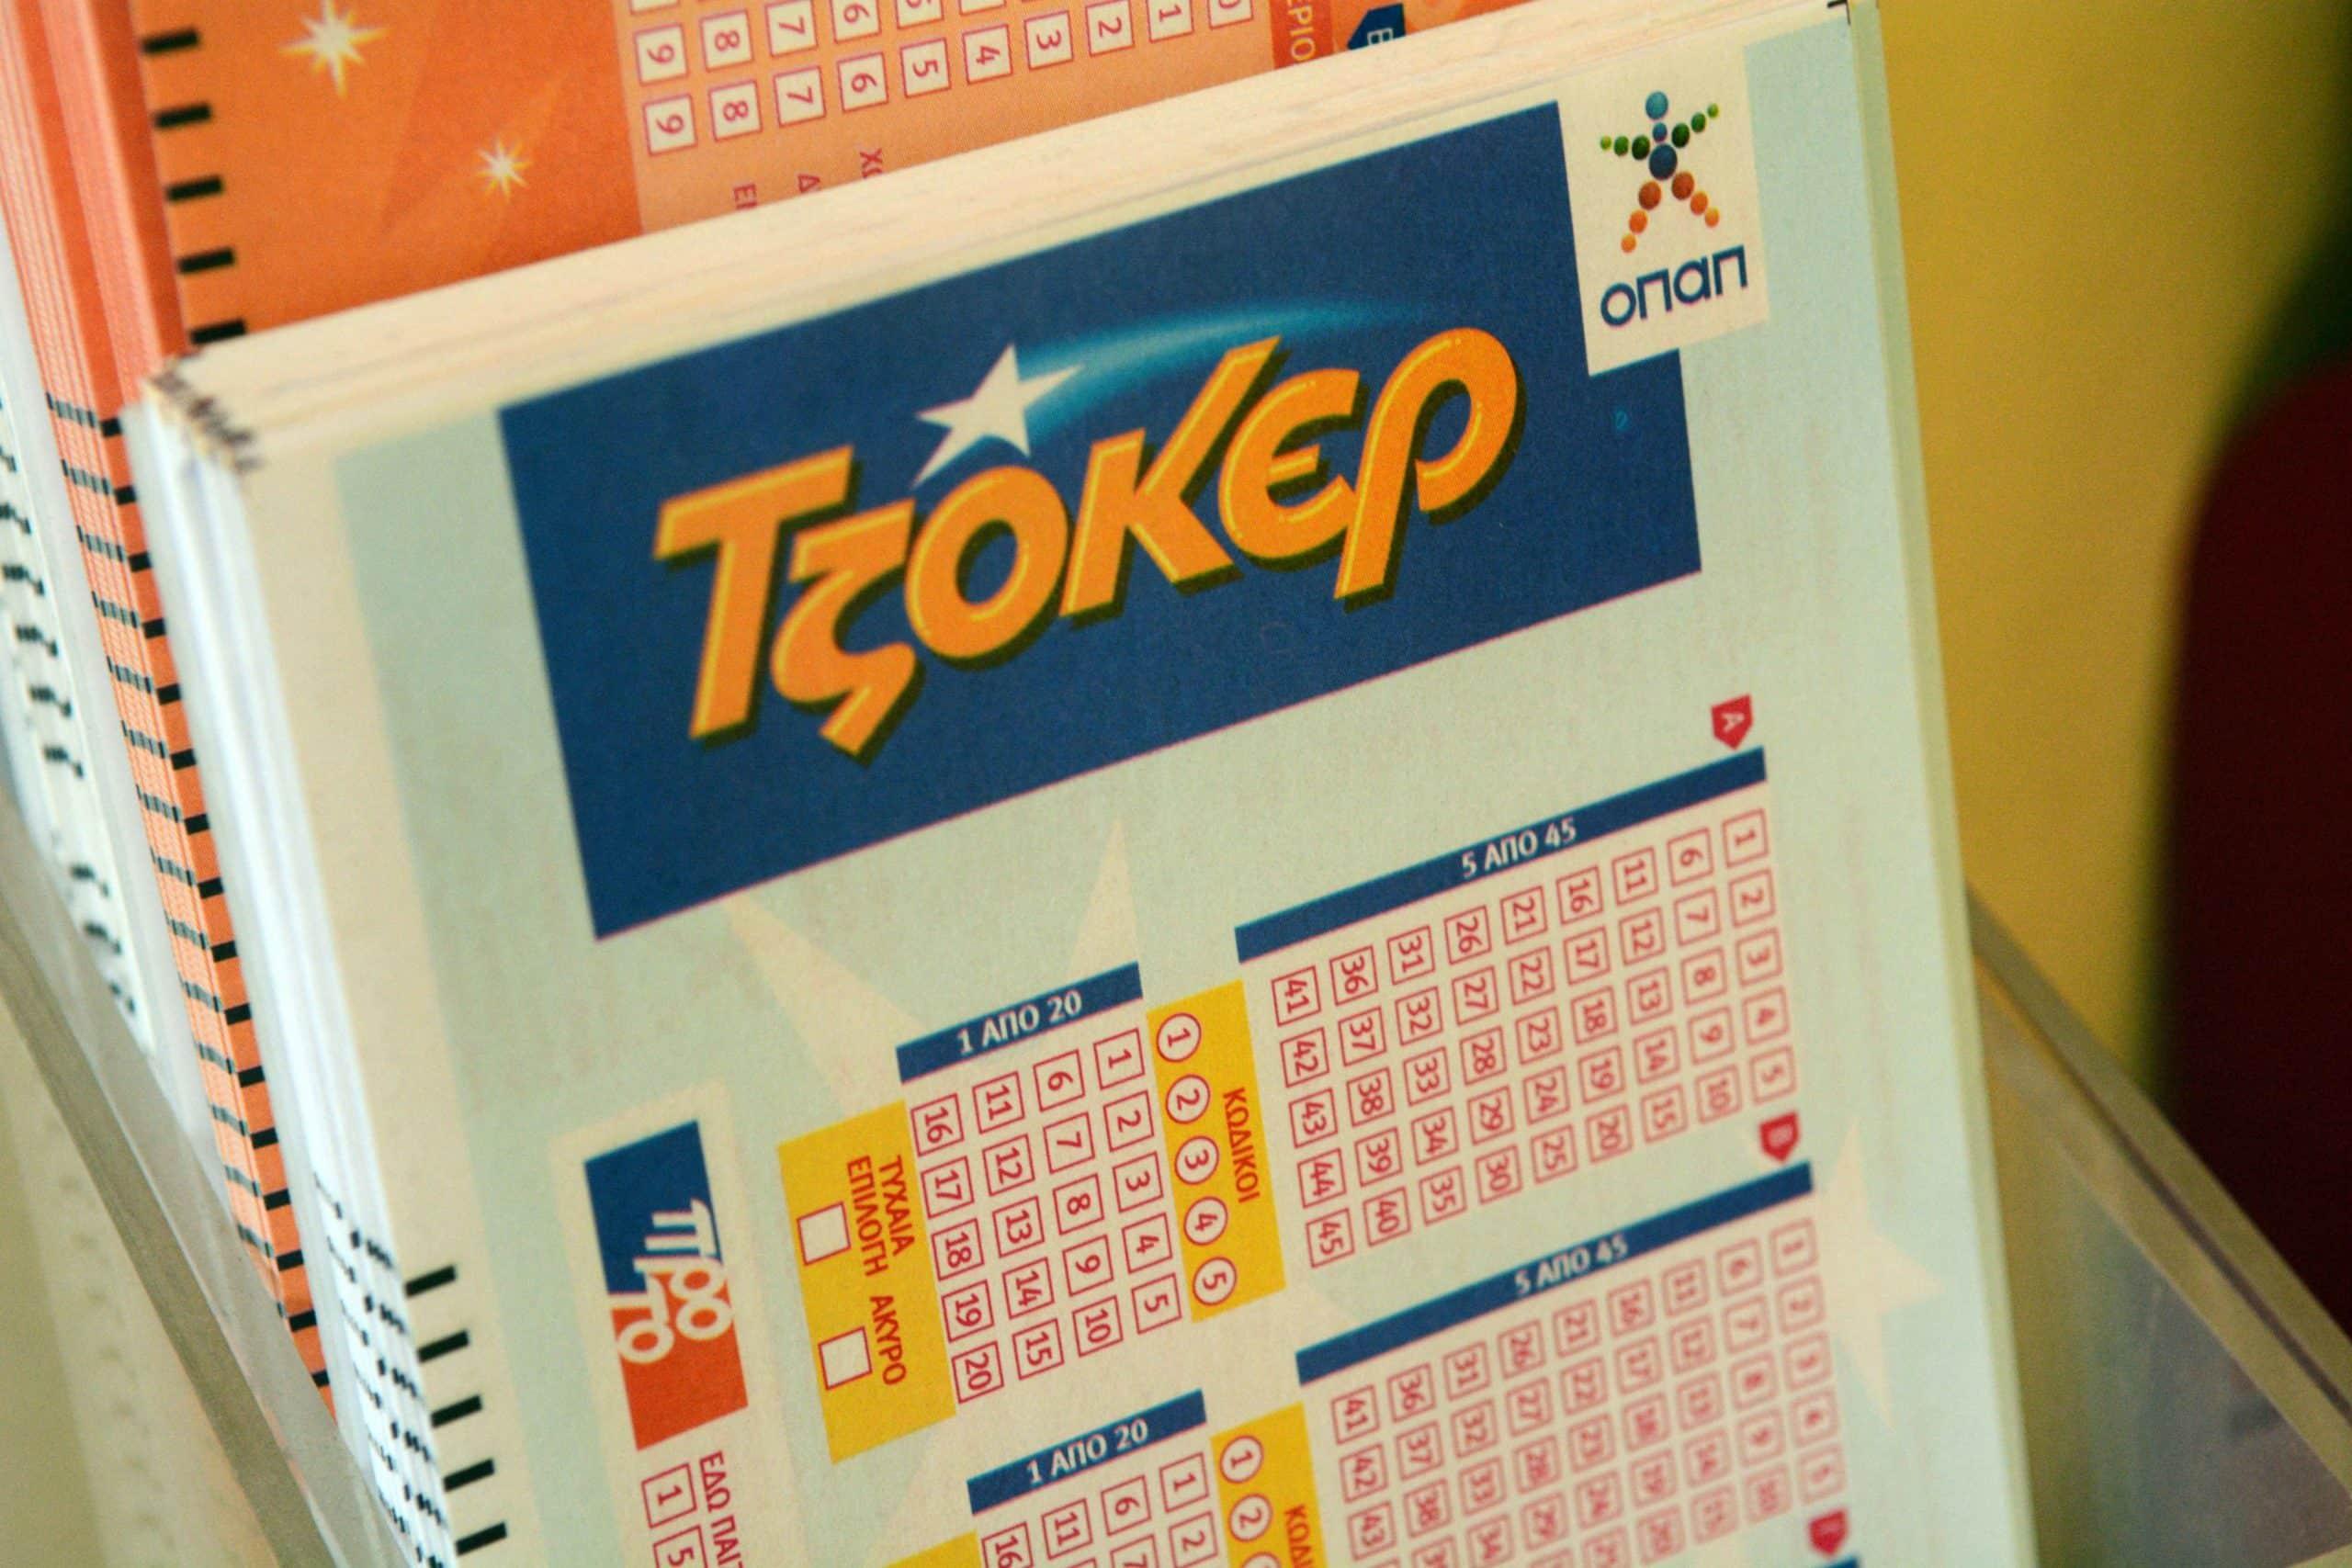 Κλήρωση Τζόκερ 10 Μαϊου €4.200.000 μοιράζουν οι τυχεροί αριθμοί Κλήρωση Τζόκερ σήμερα 15/3 Αναβάλεται λόγω COVID-19